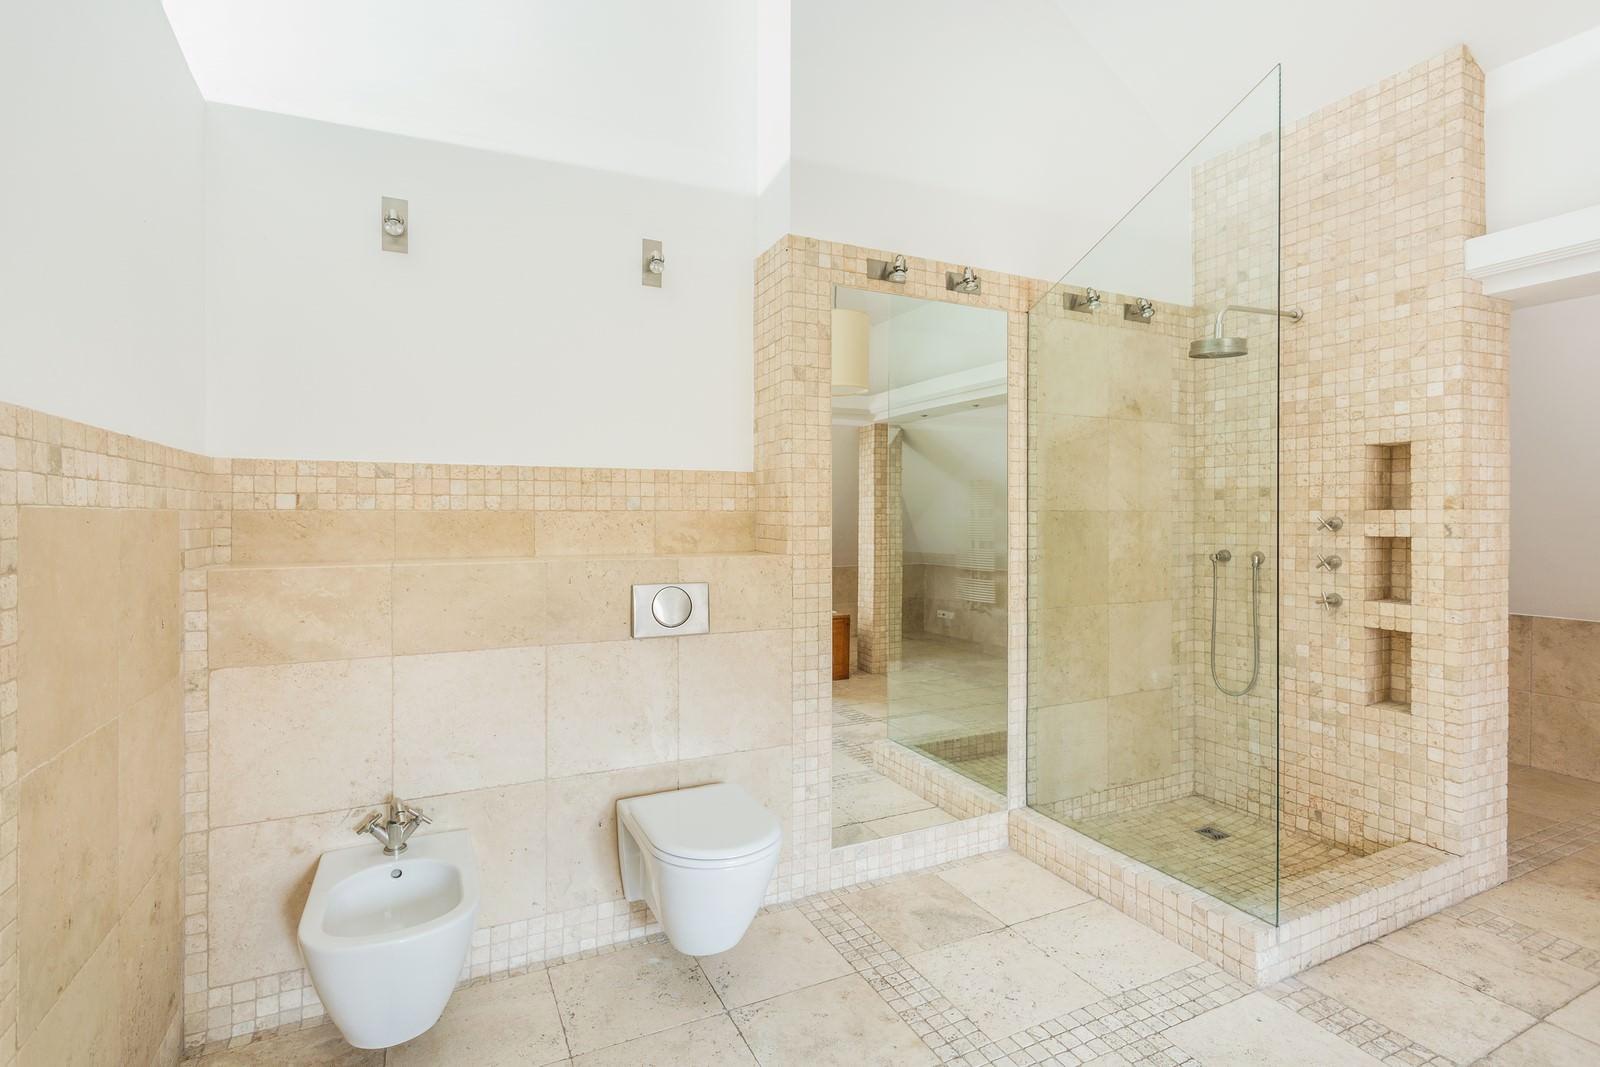 Photos de salle d eau projets ceramique public salle d for Salle de bain salle d eau